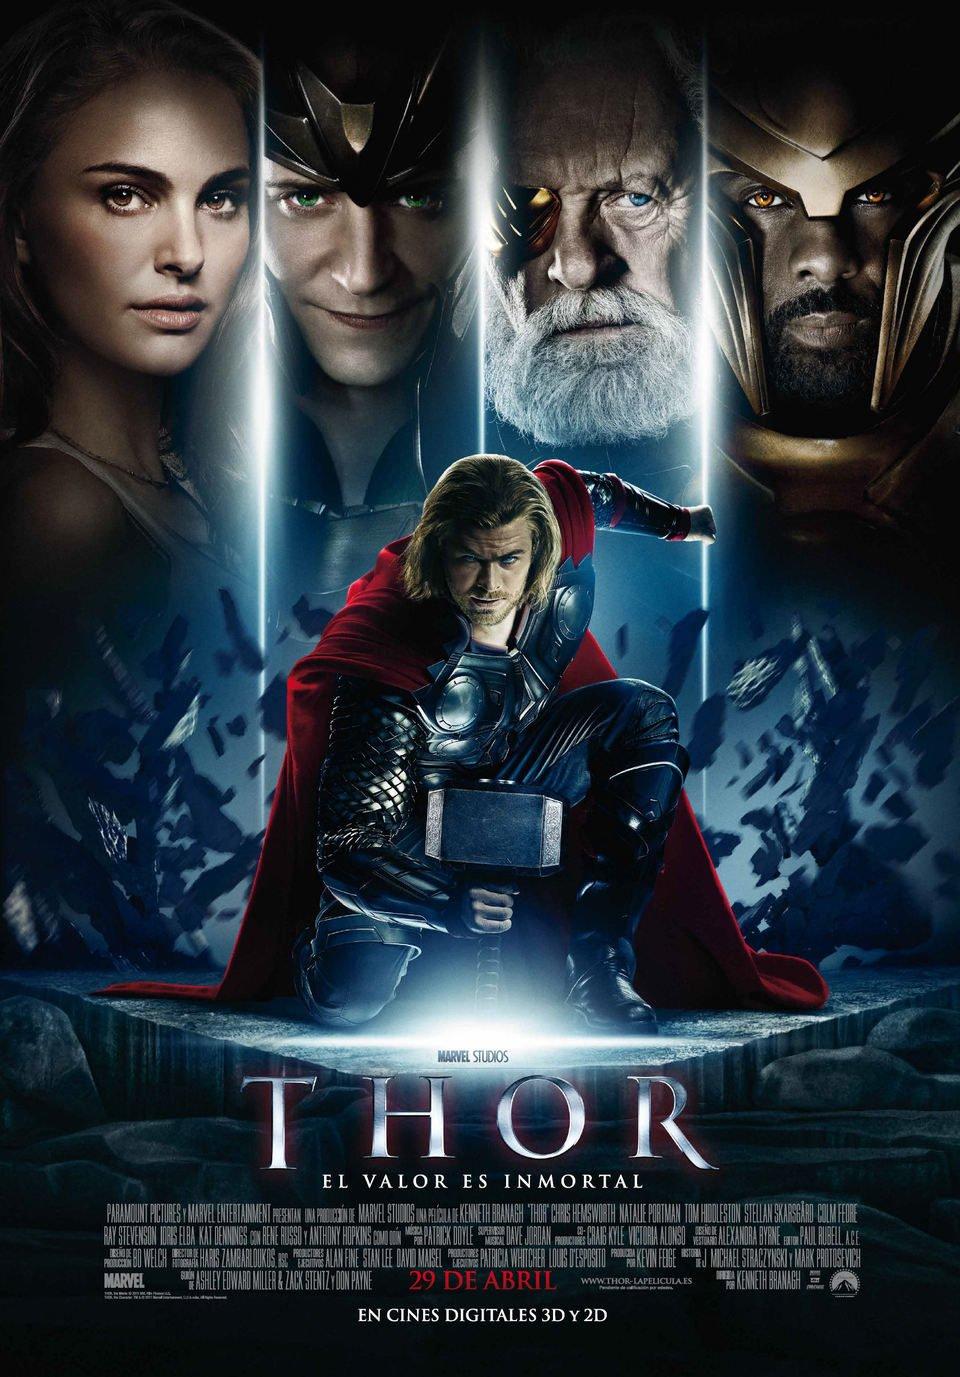 Cartel Definitivo España de 'Thor'